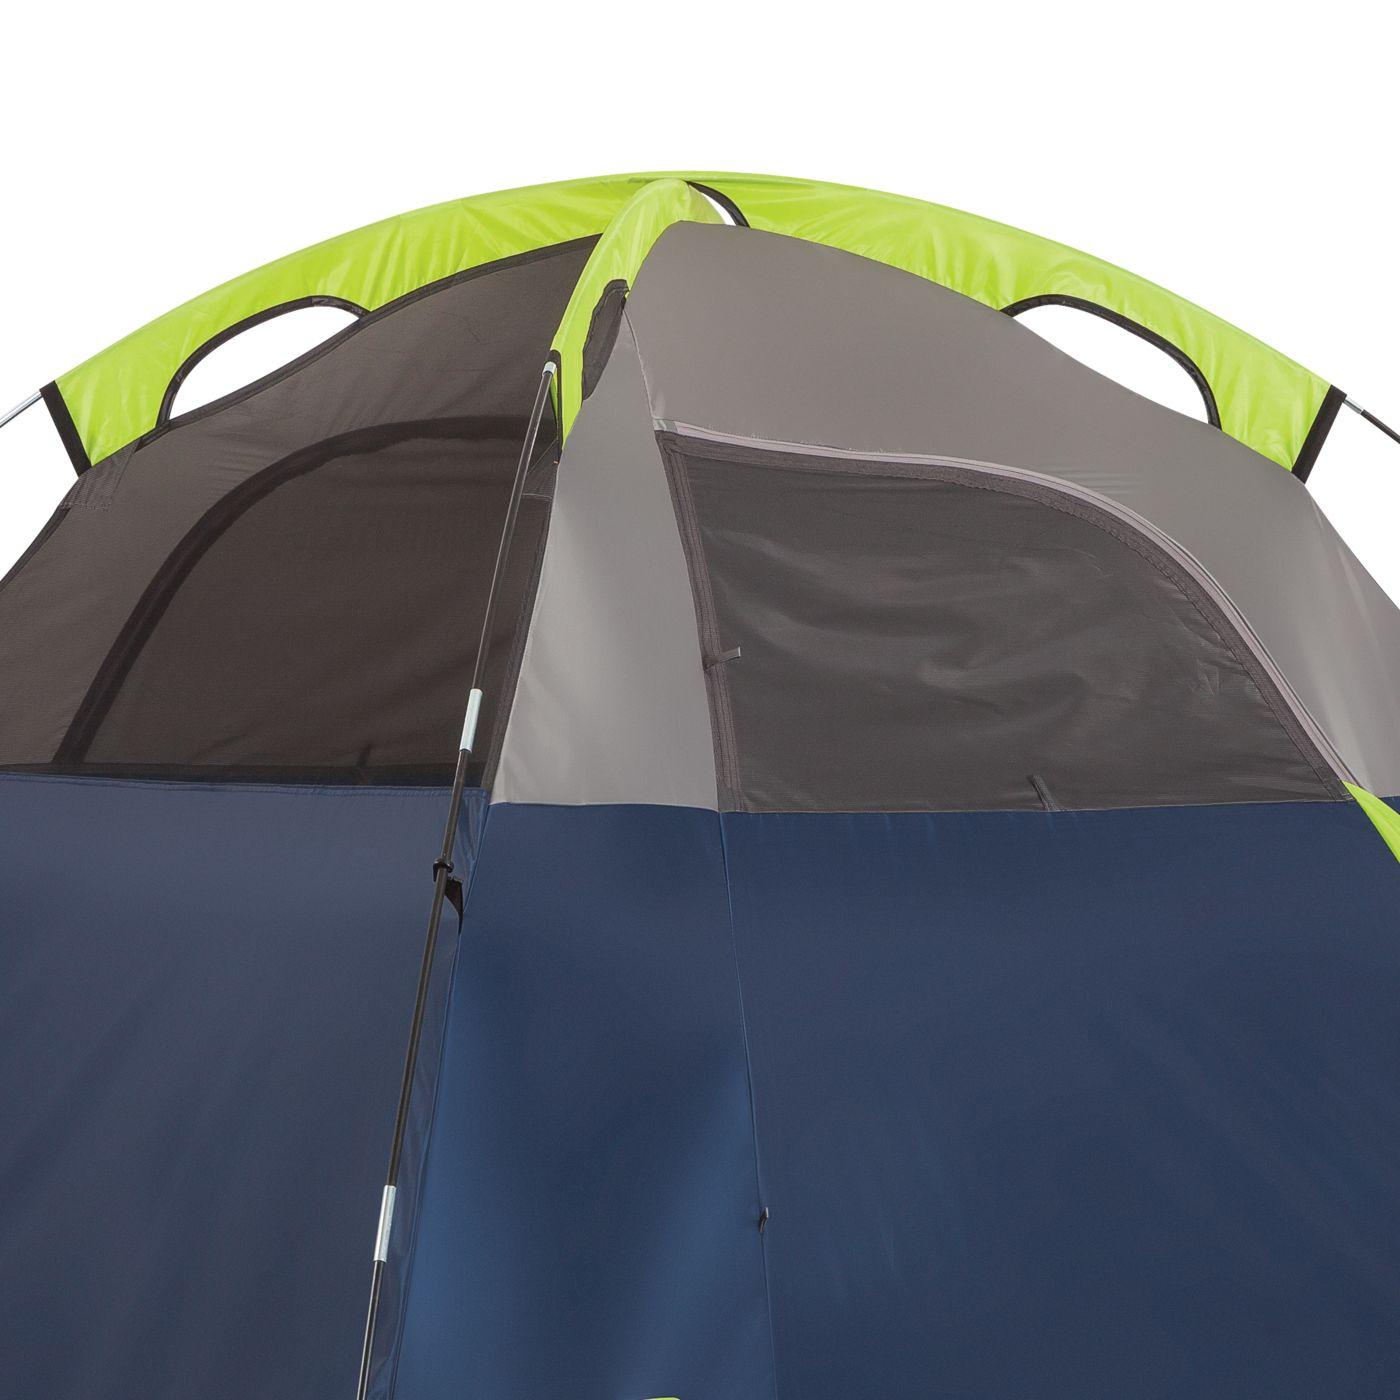 ... Sundome® 4-Person Dome Tent ...  sc 1 st  Coleman & 4 Person Dome Tent   Sun Dome Tent   Coleman